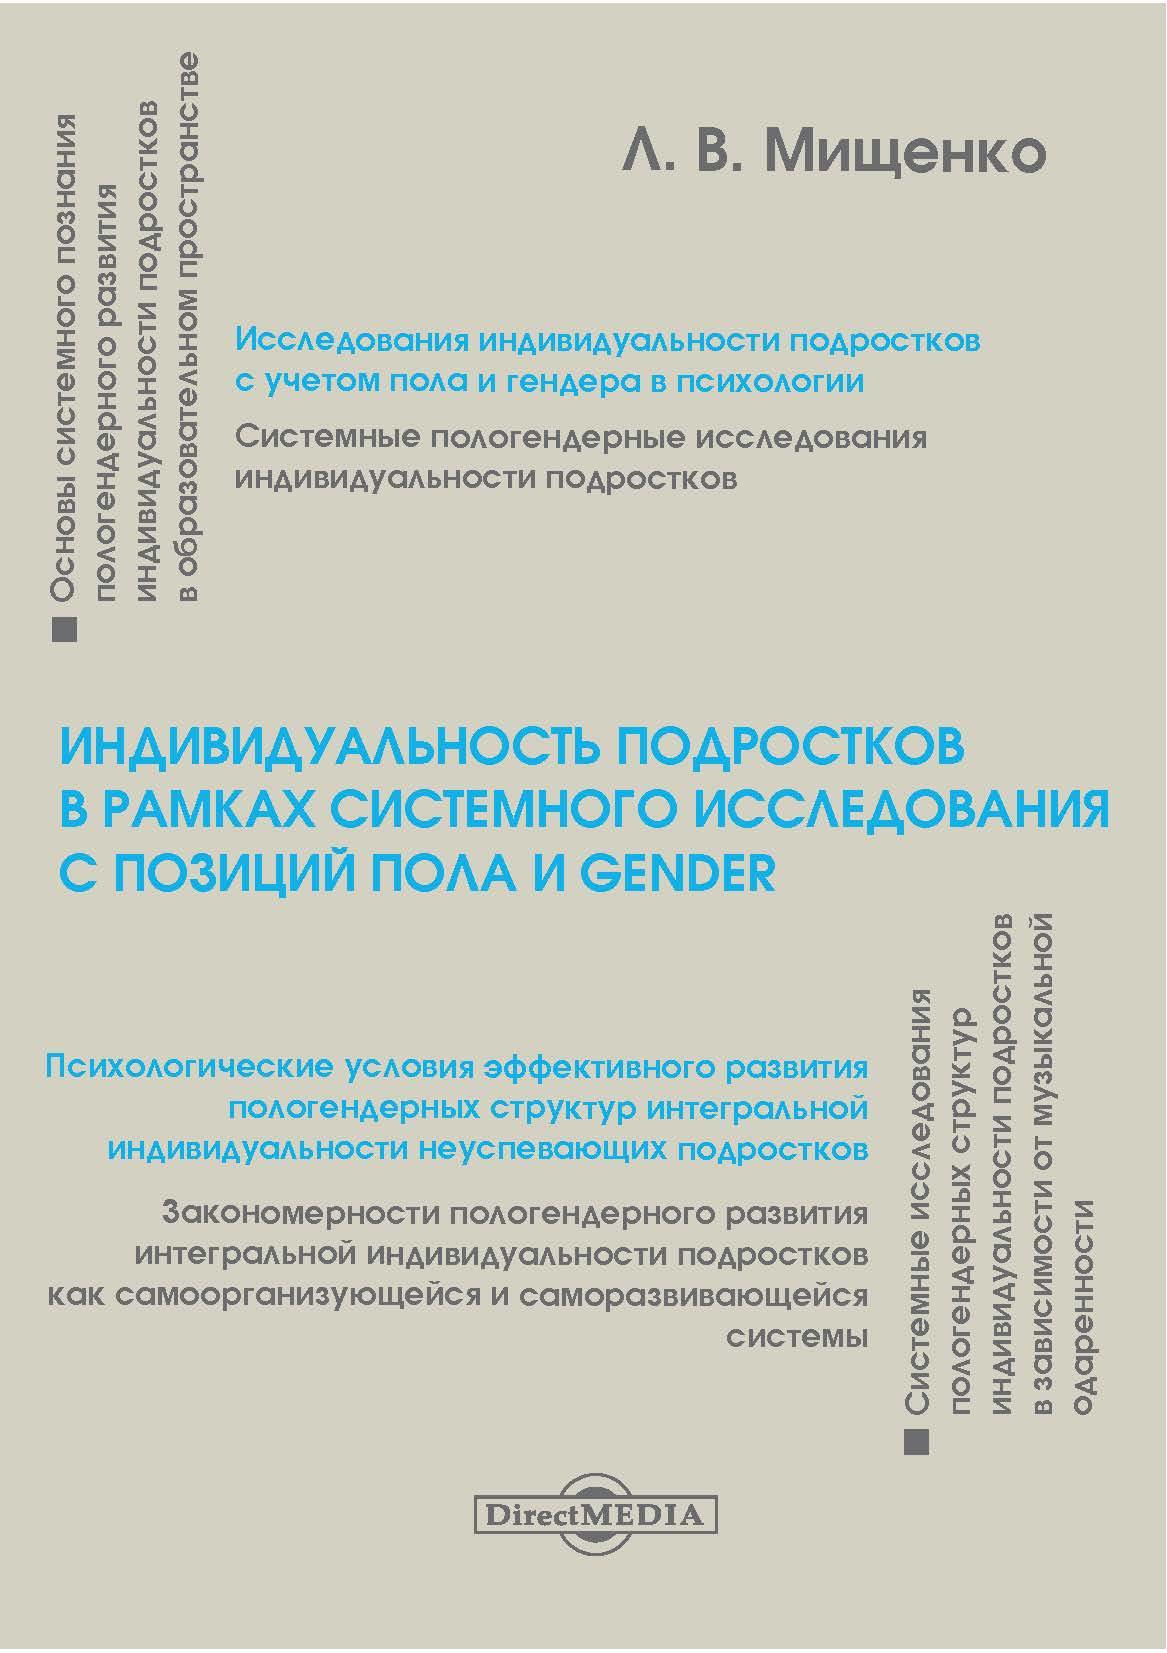 Любовь Мищенко Индивидуальность подростков в рамках системного исследования с позиций пола и gender